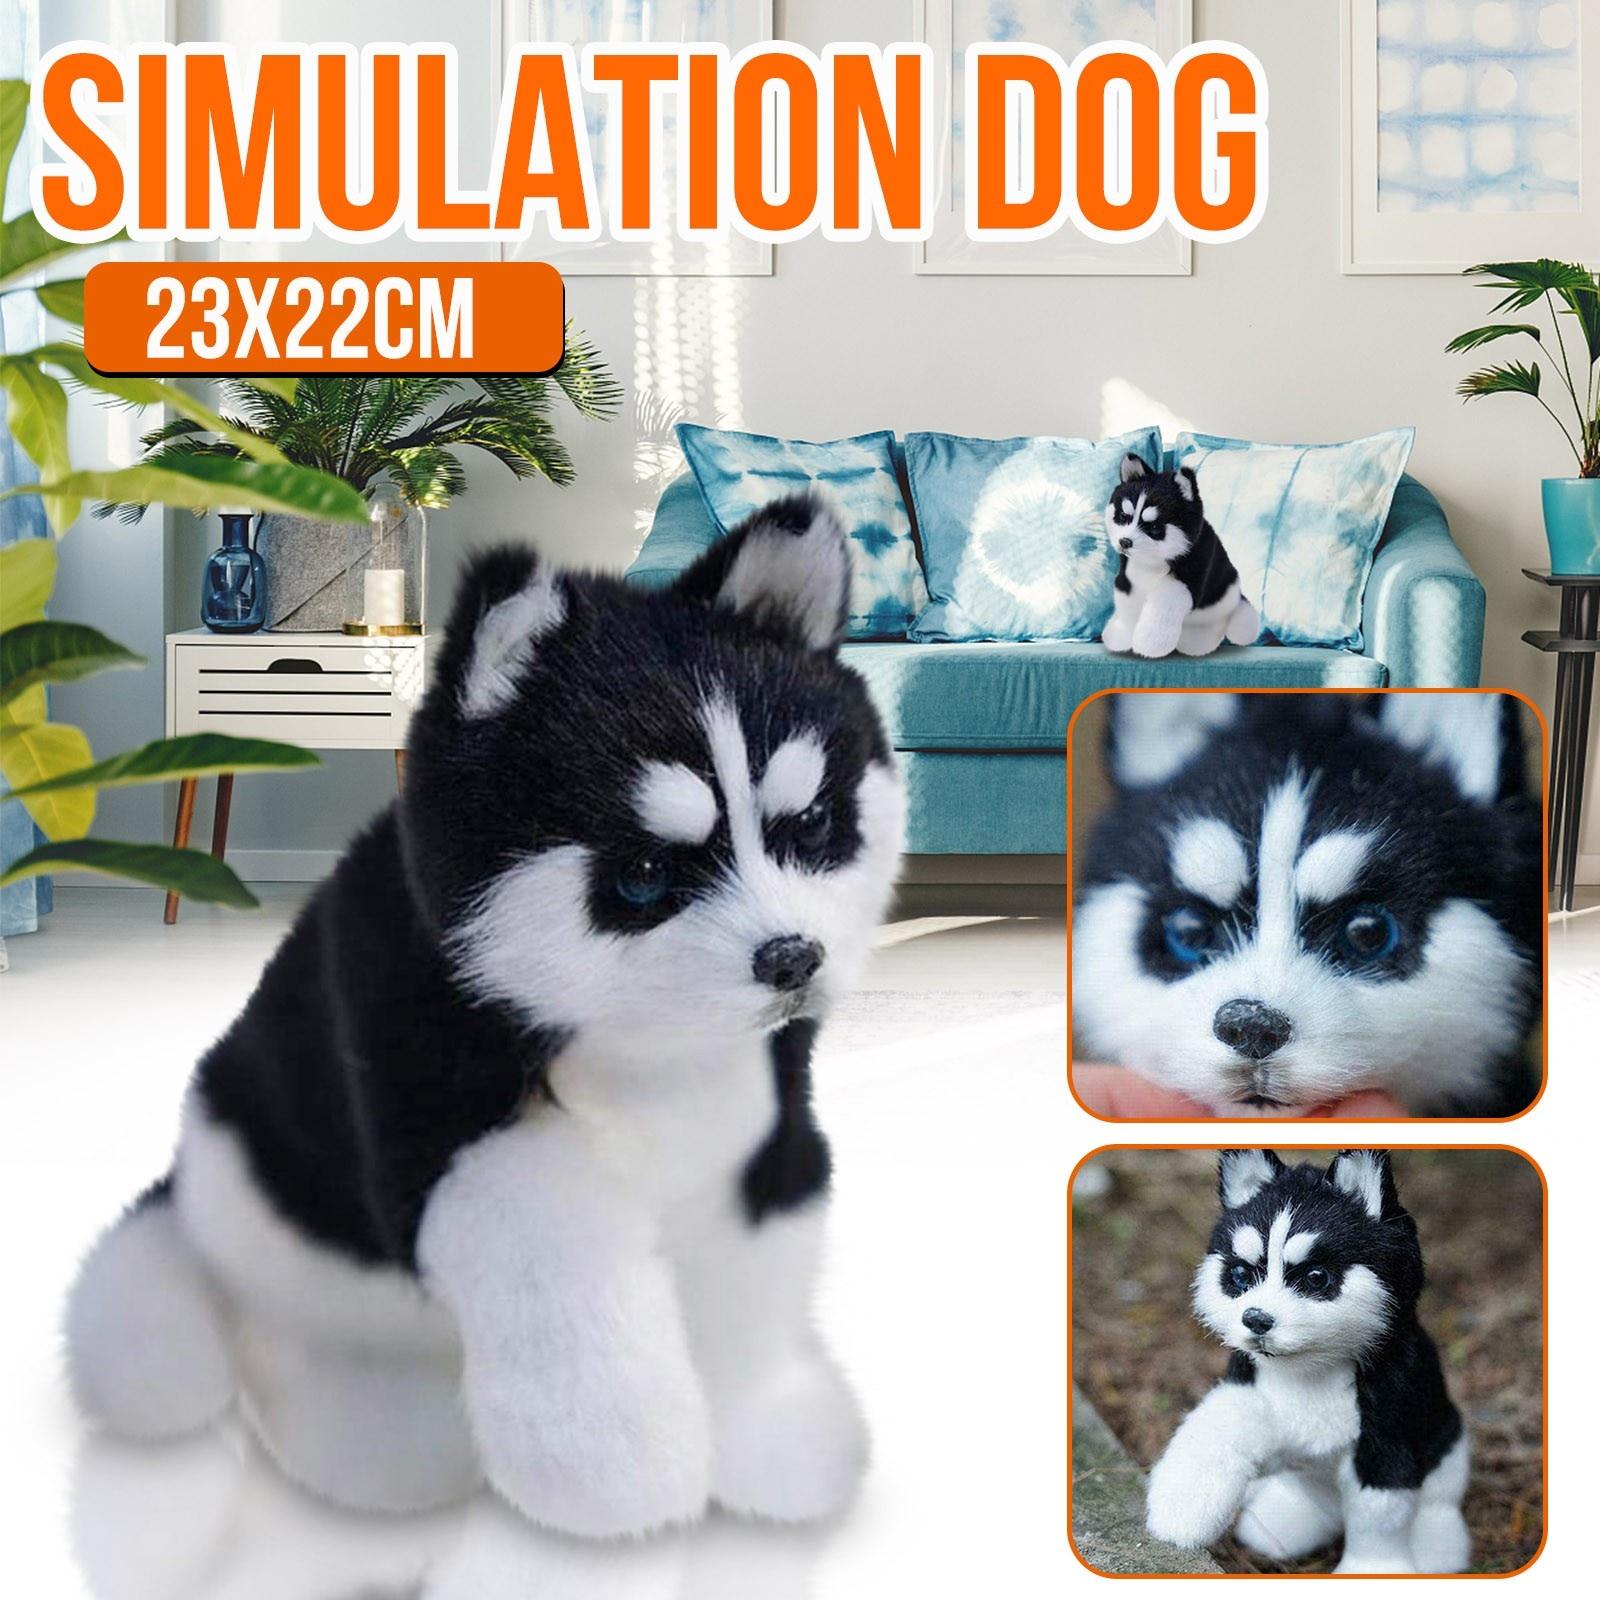 Perro Husky de juguete para niñas, juguete de simulación de animales, regalos...